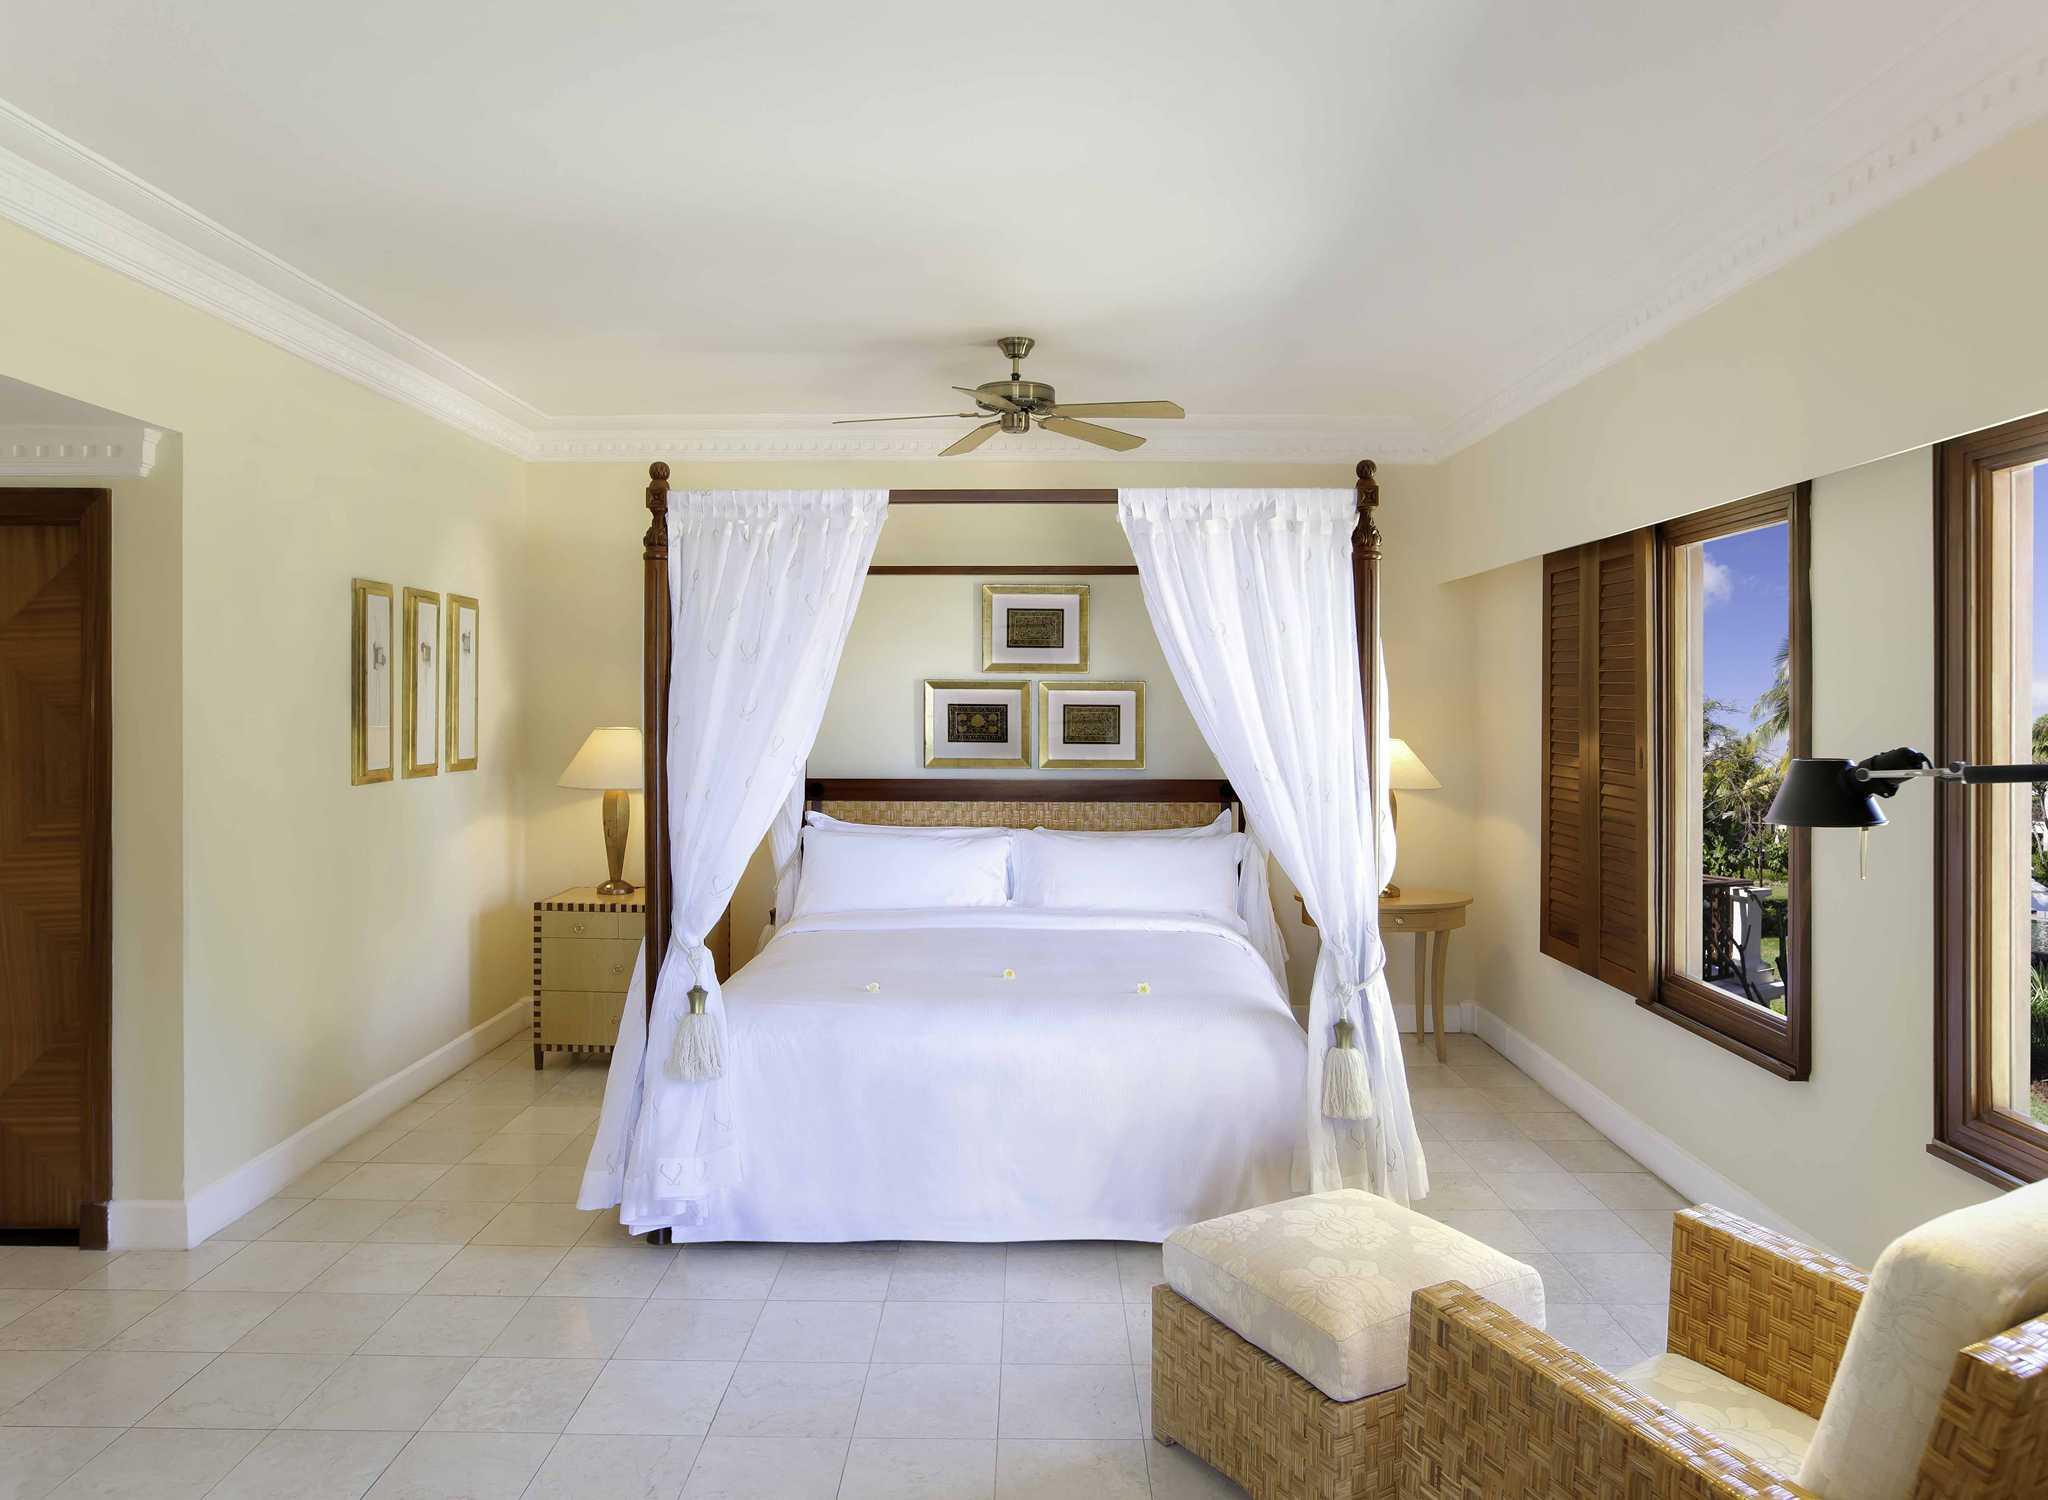 Salle De Bain Ile Maurice ~ h tels maurice h tel hilton mauritius resort spa flic en flac